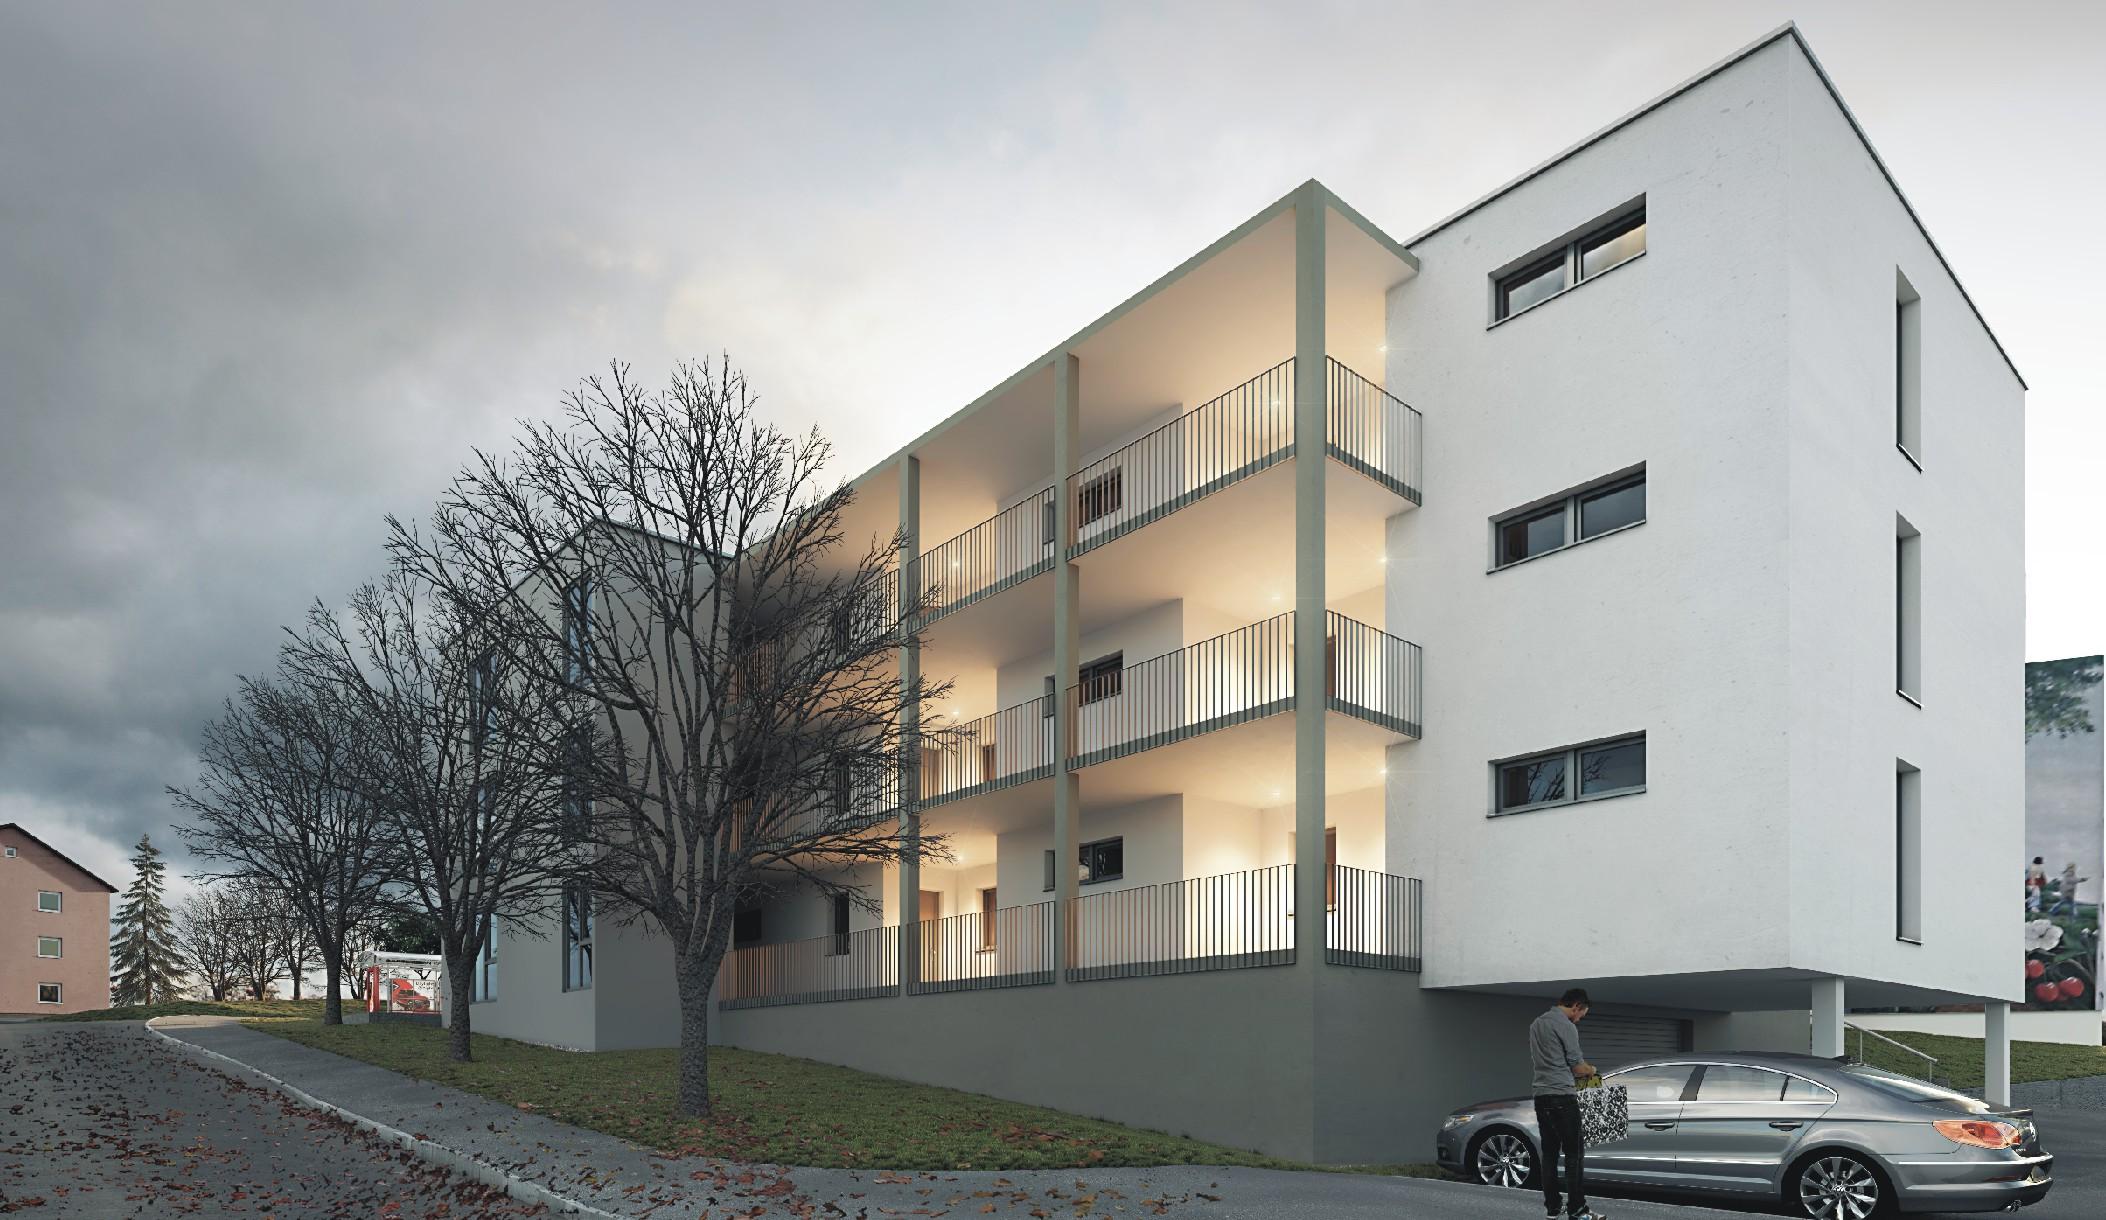 Wohnhaus Graf-von-Stauffenberg-Straße in Marburg